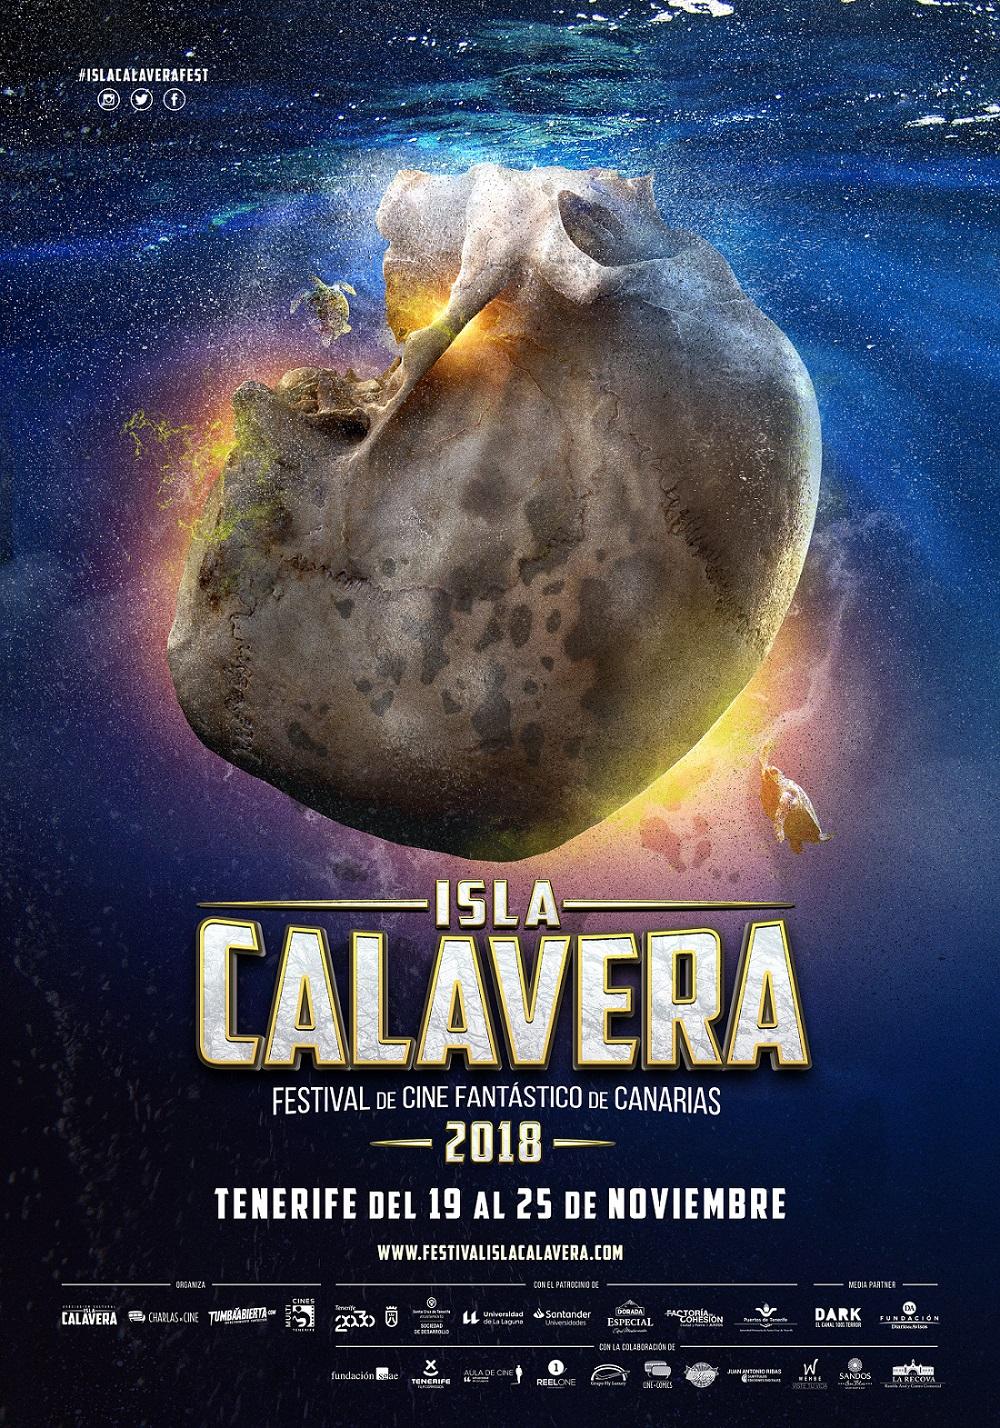 Cartel del II Festival de Cine Fantástico de Canarias - Isla Calavera.